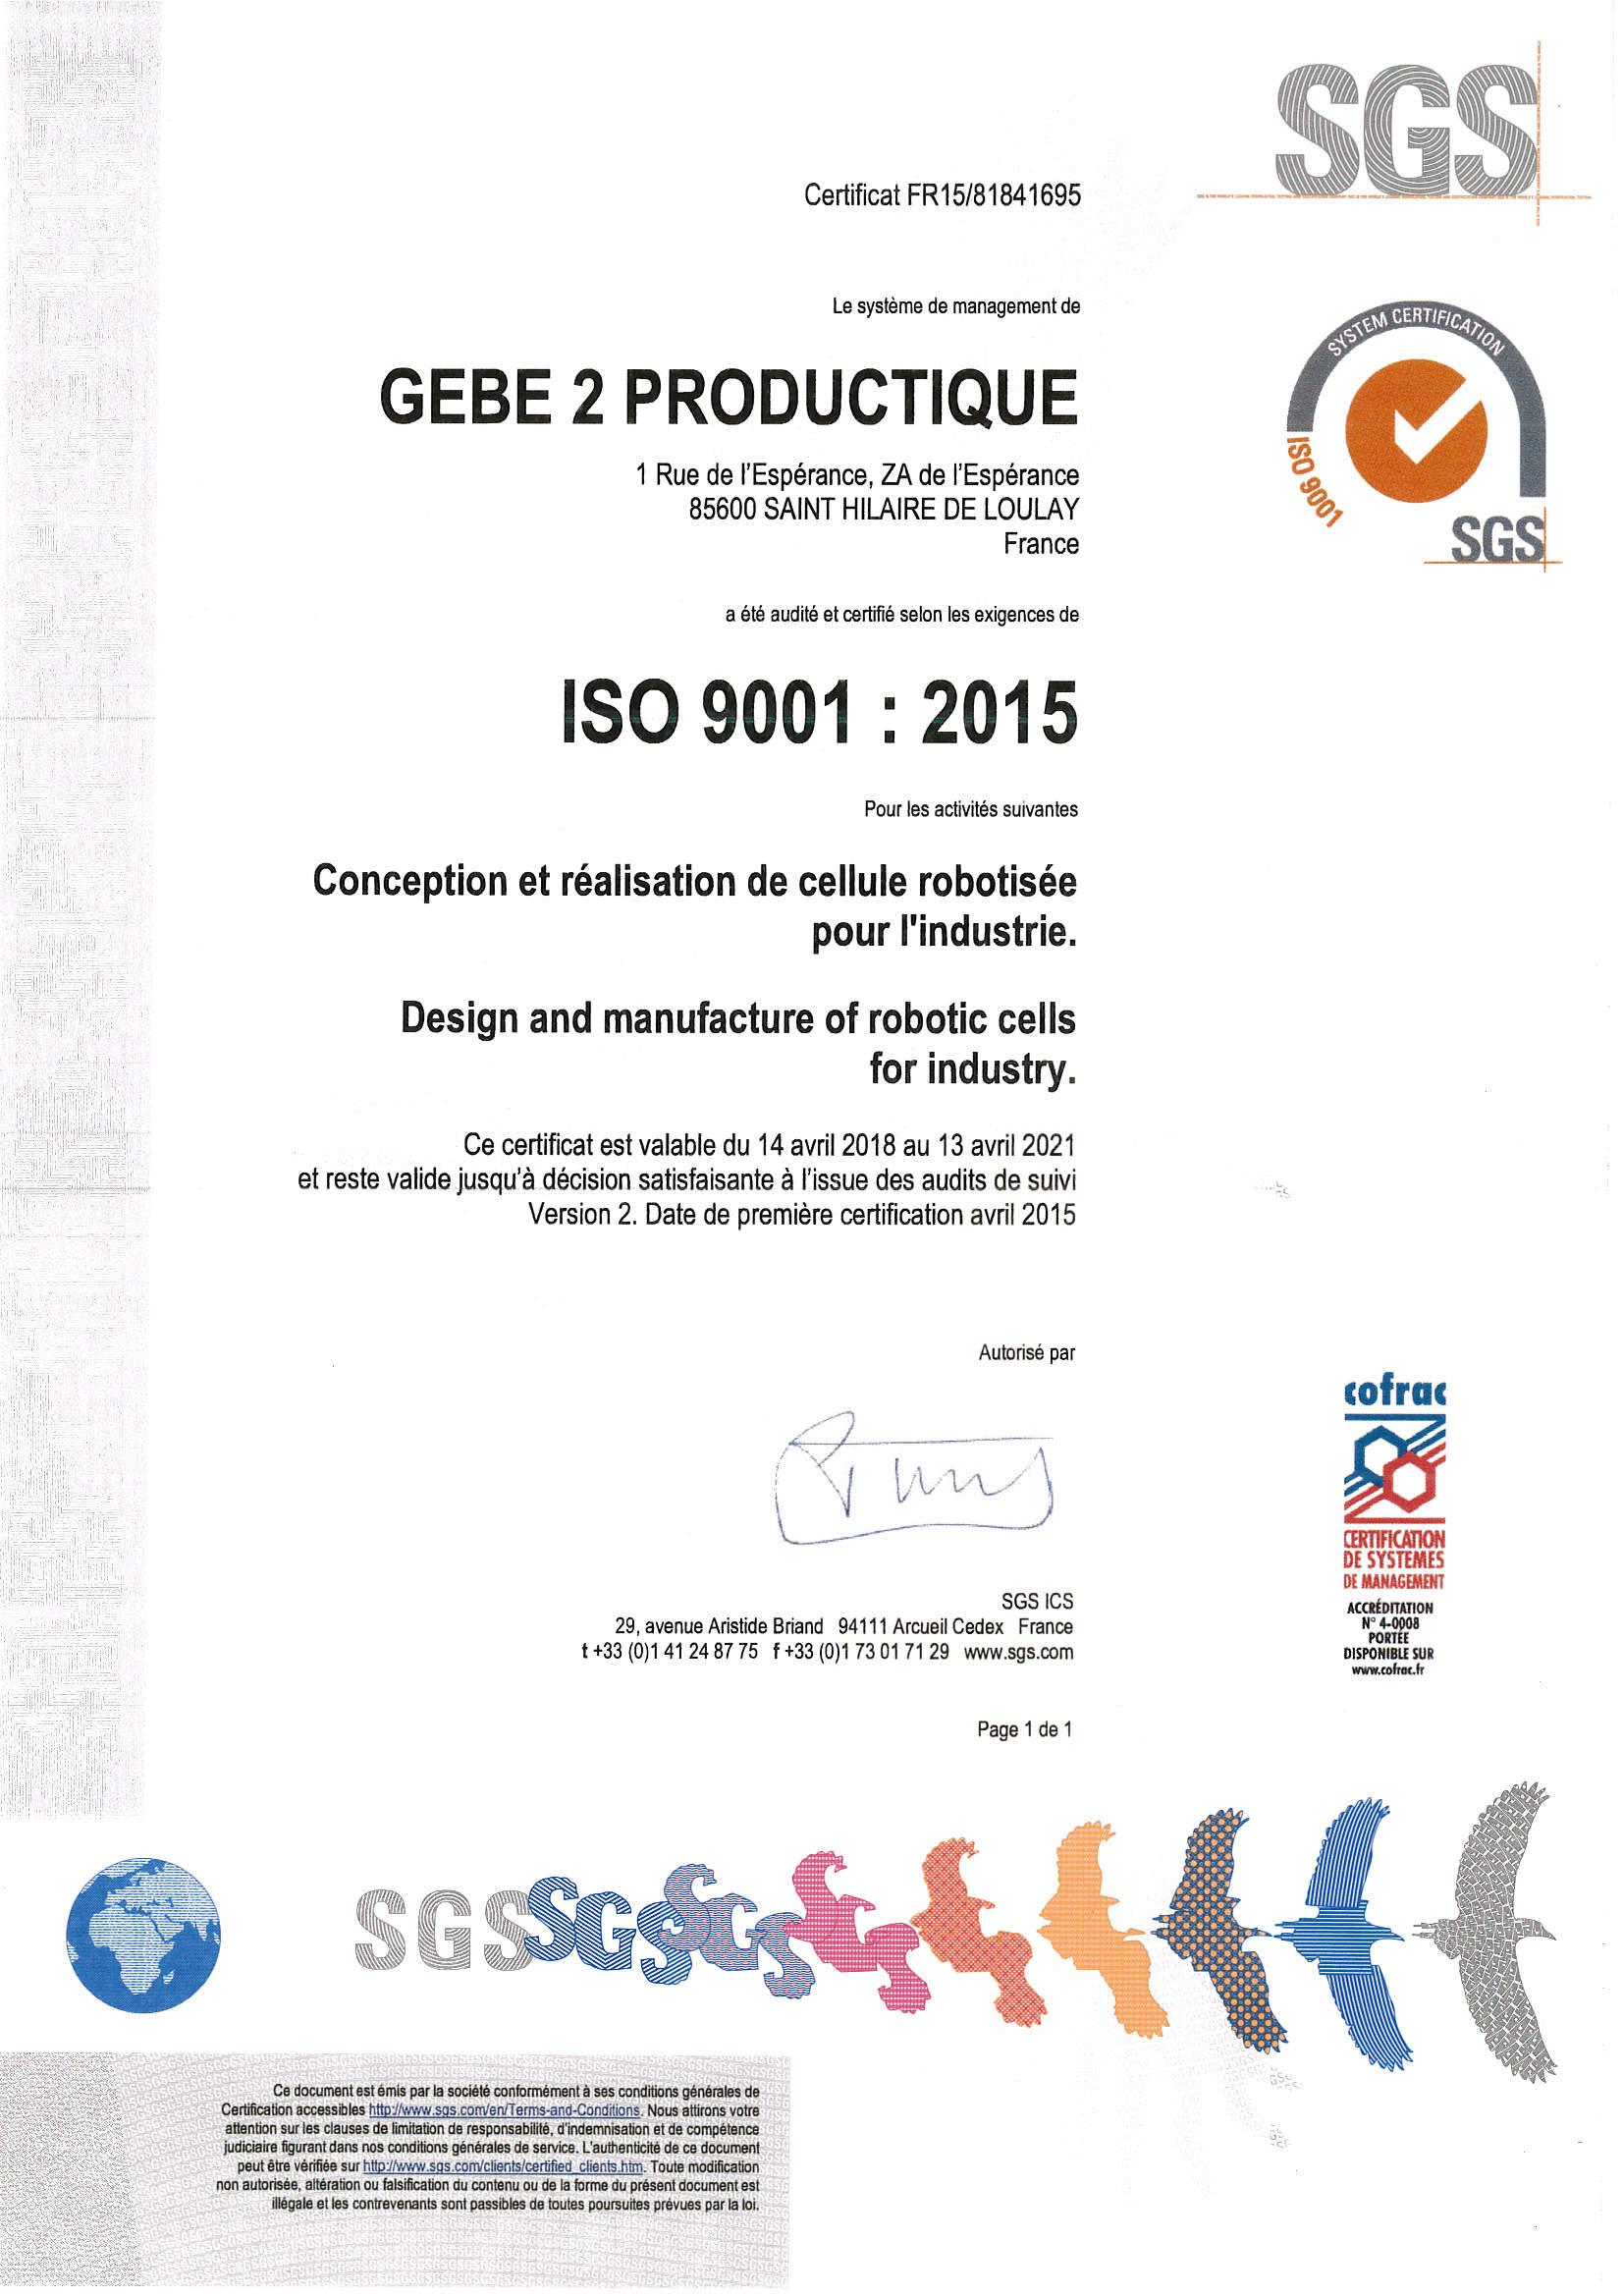 2019 Certificat ISO9001 GEBE2